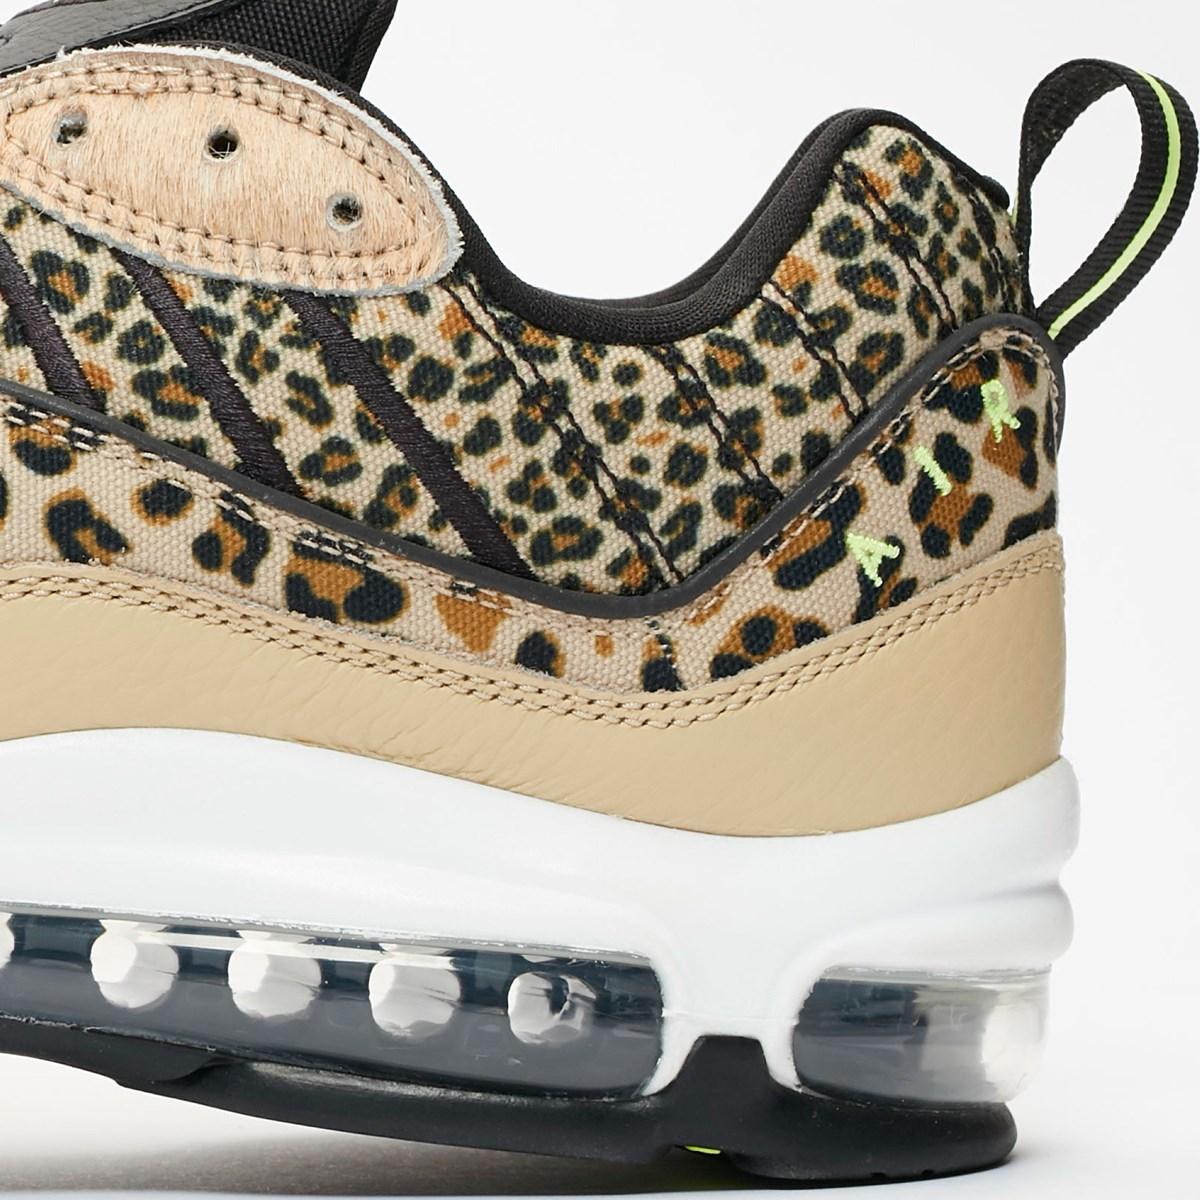 Nike Wmns Air Max 98 Premium Bv1978 200 Sneakersnstuff I Sneakers & Streetwear online seit 1999